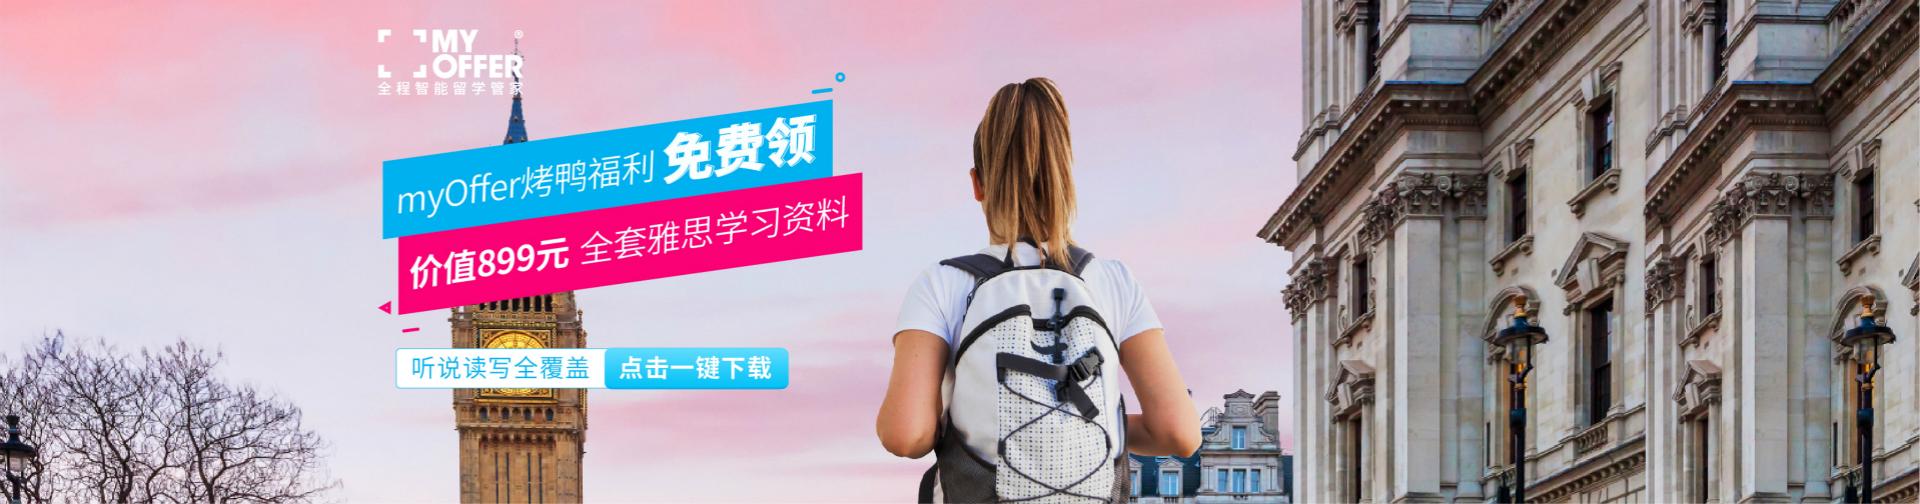 http://myoffer-public.oss-cn-shenzhen.aliyuncs.com/banners/2c52b696a0e362ff556678d22546b083-948094-1920x504.jpg